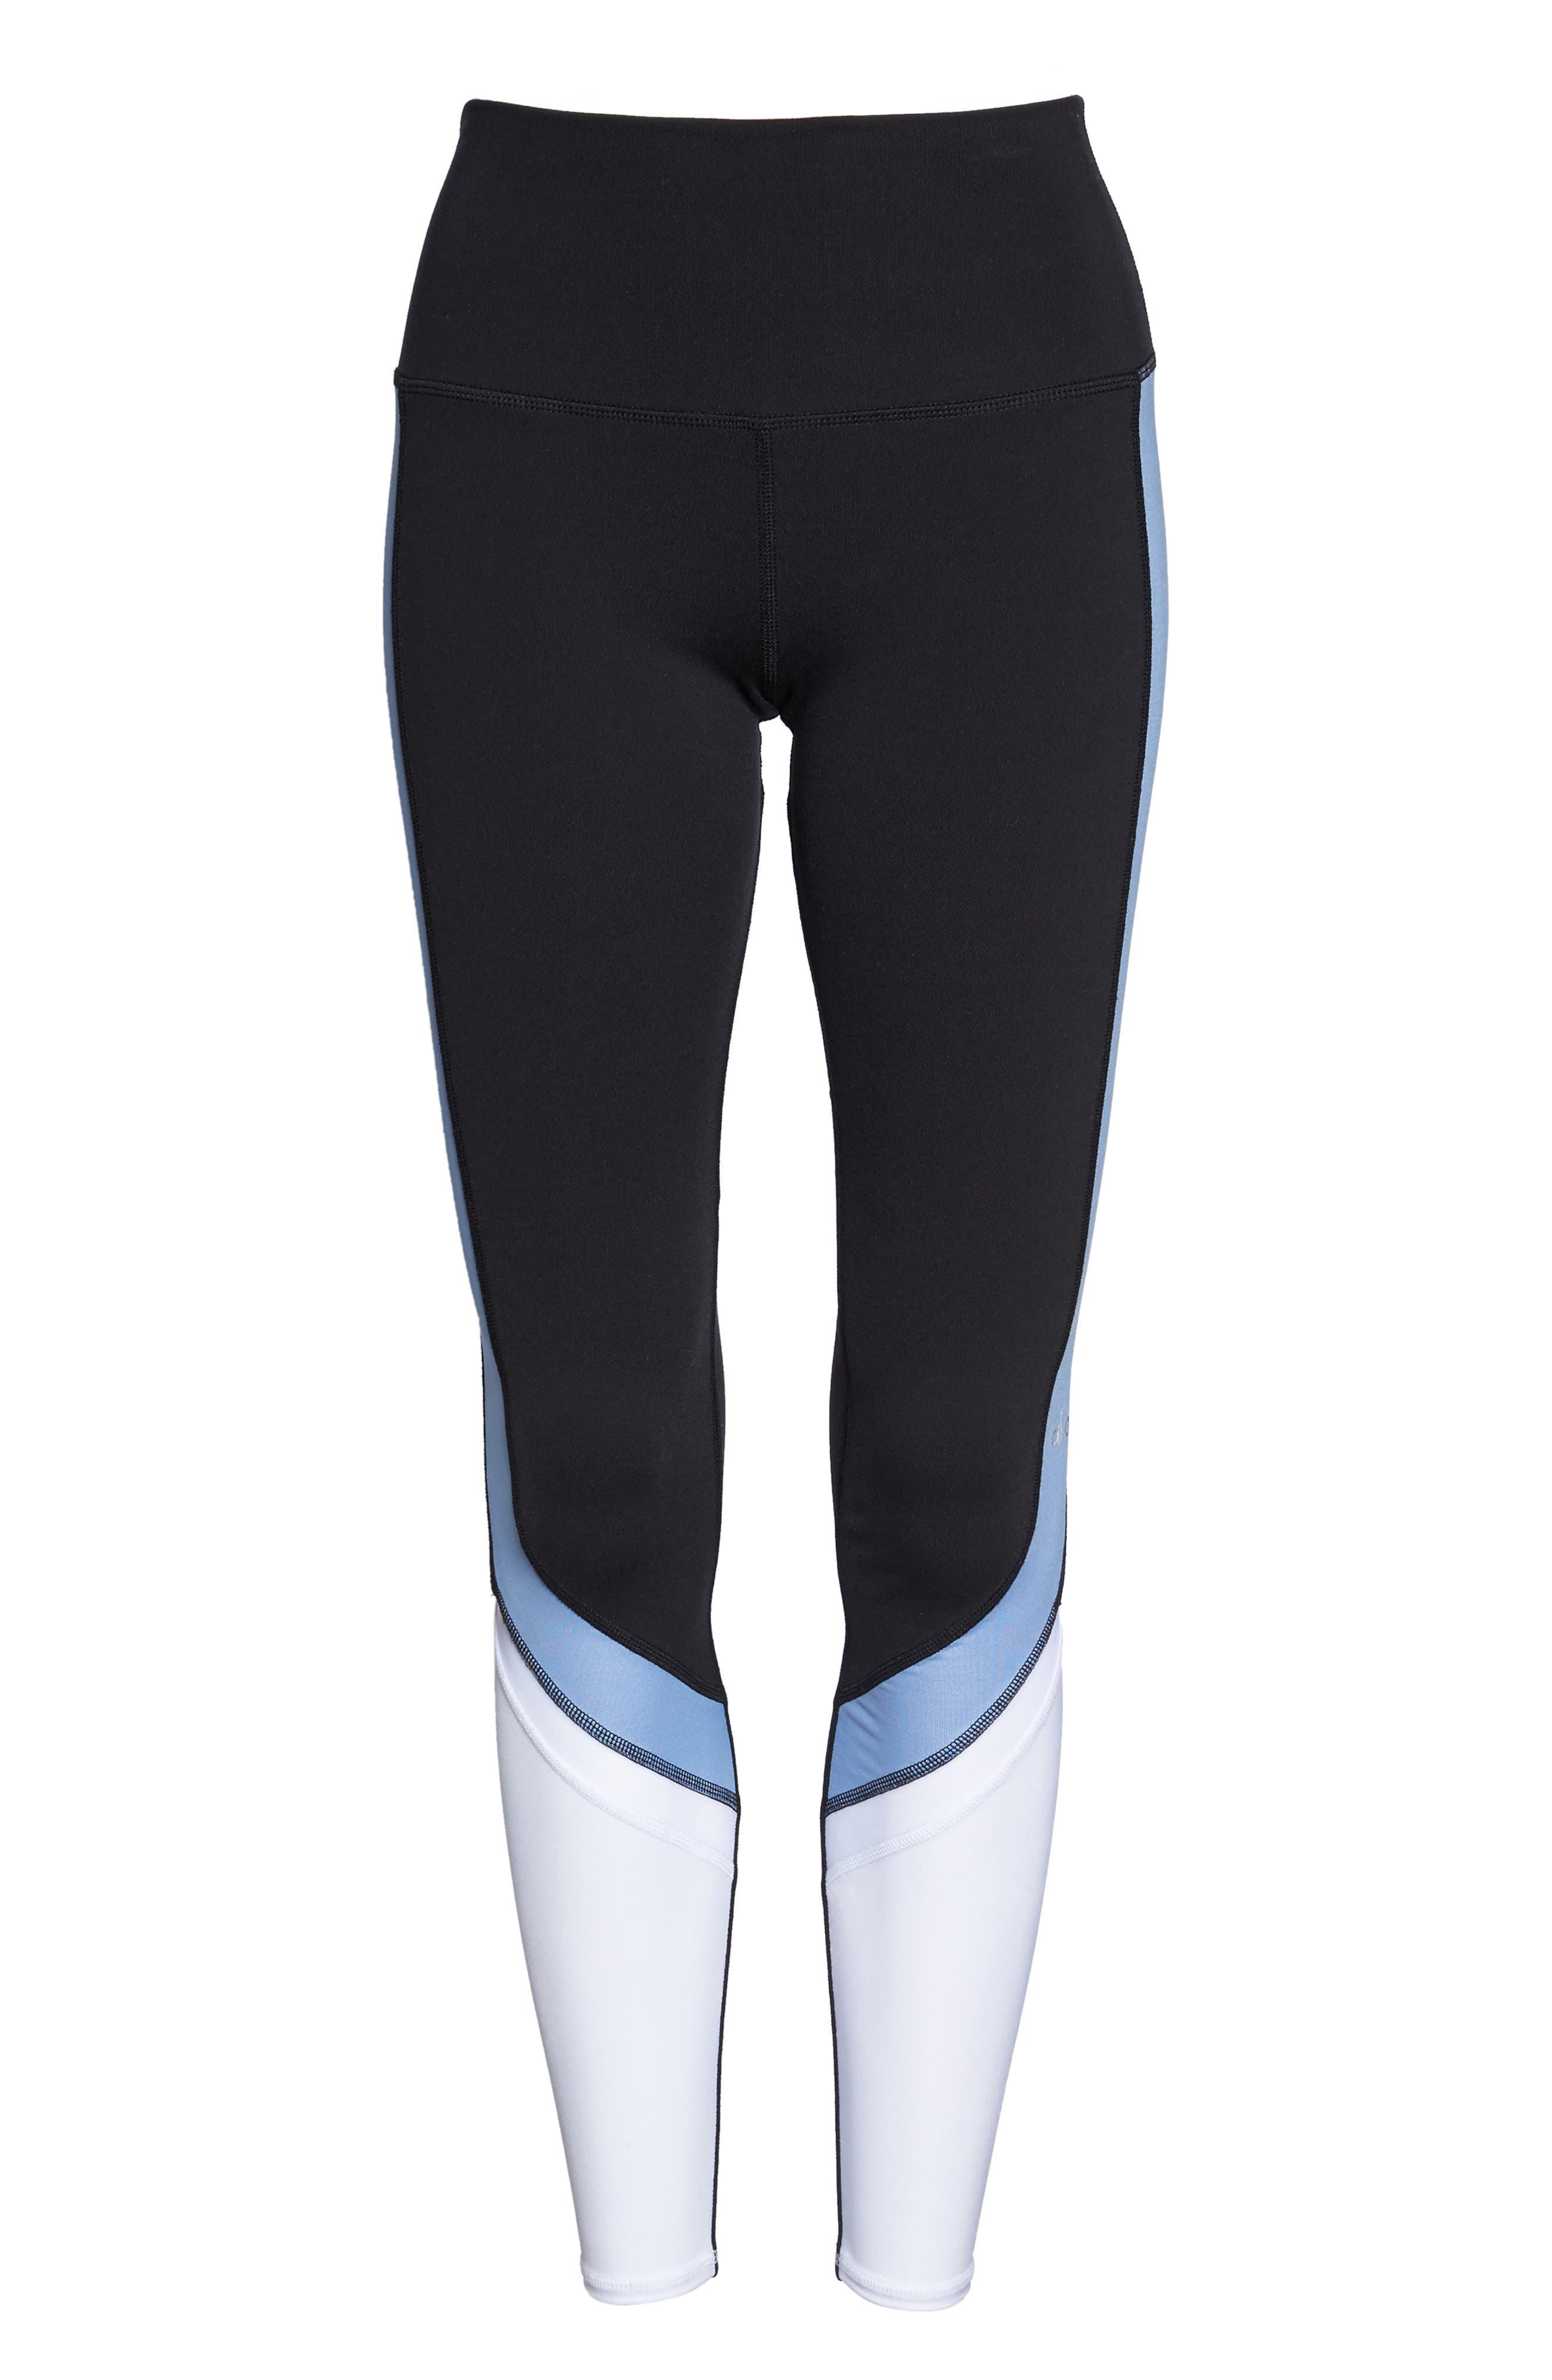 Elevate Leggings,                             Alternate thumbnail 7, color,                             Black/ Uv Blue Glossy/ White